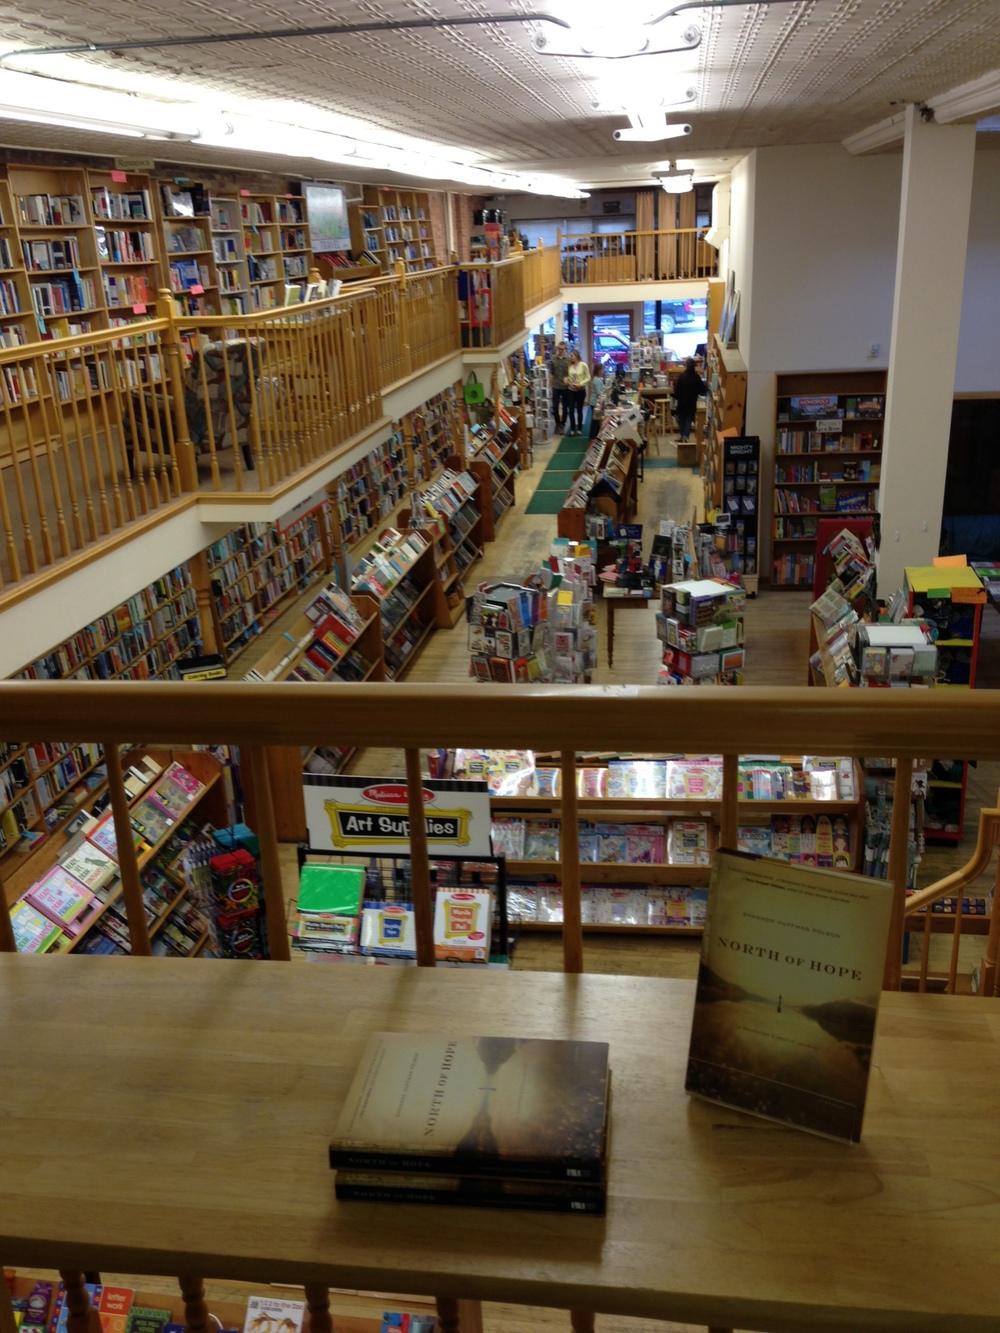 Country Bookshelf, Bozeman